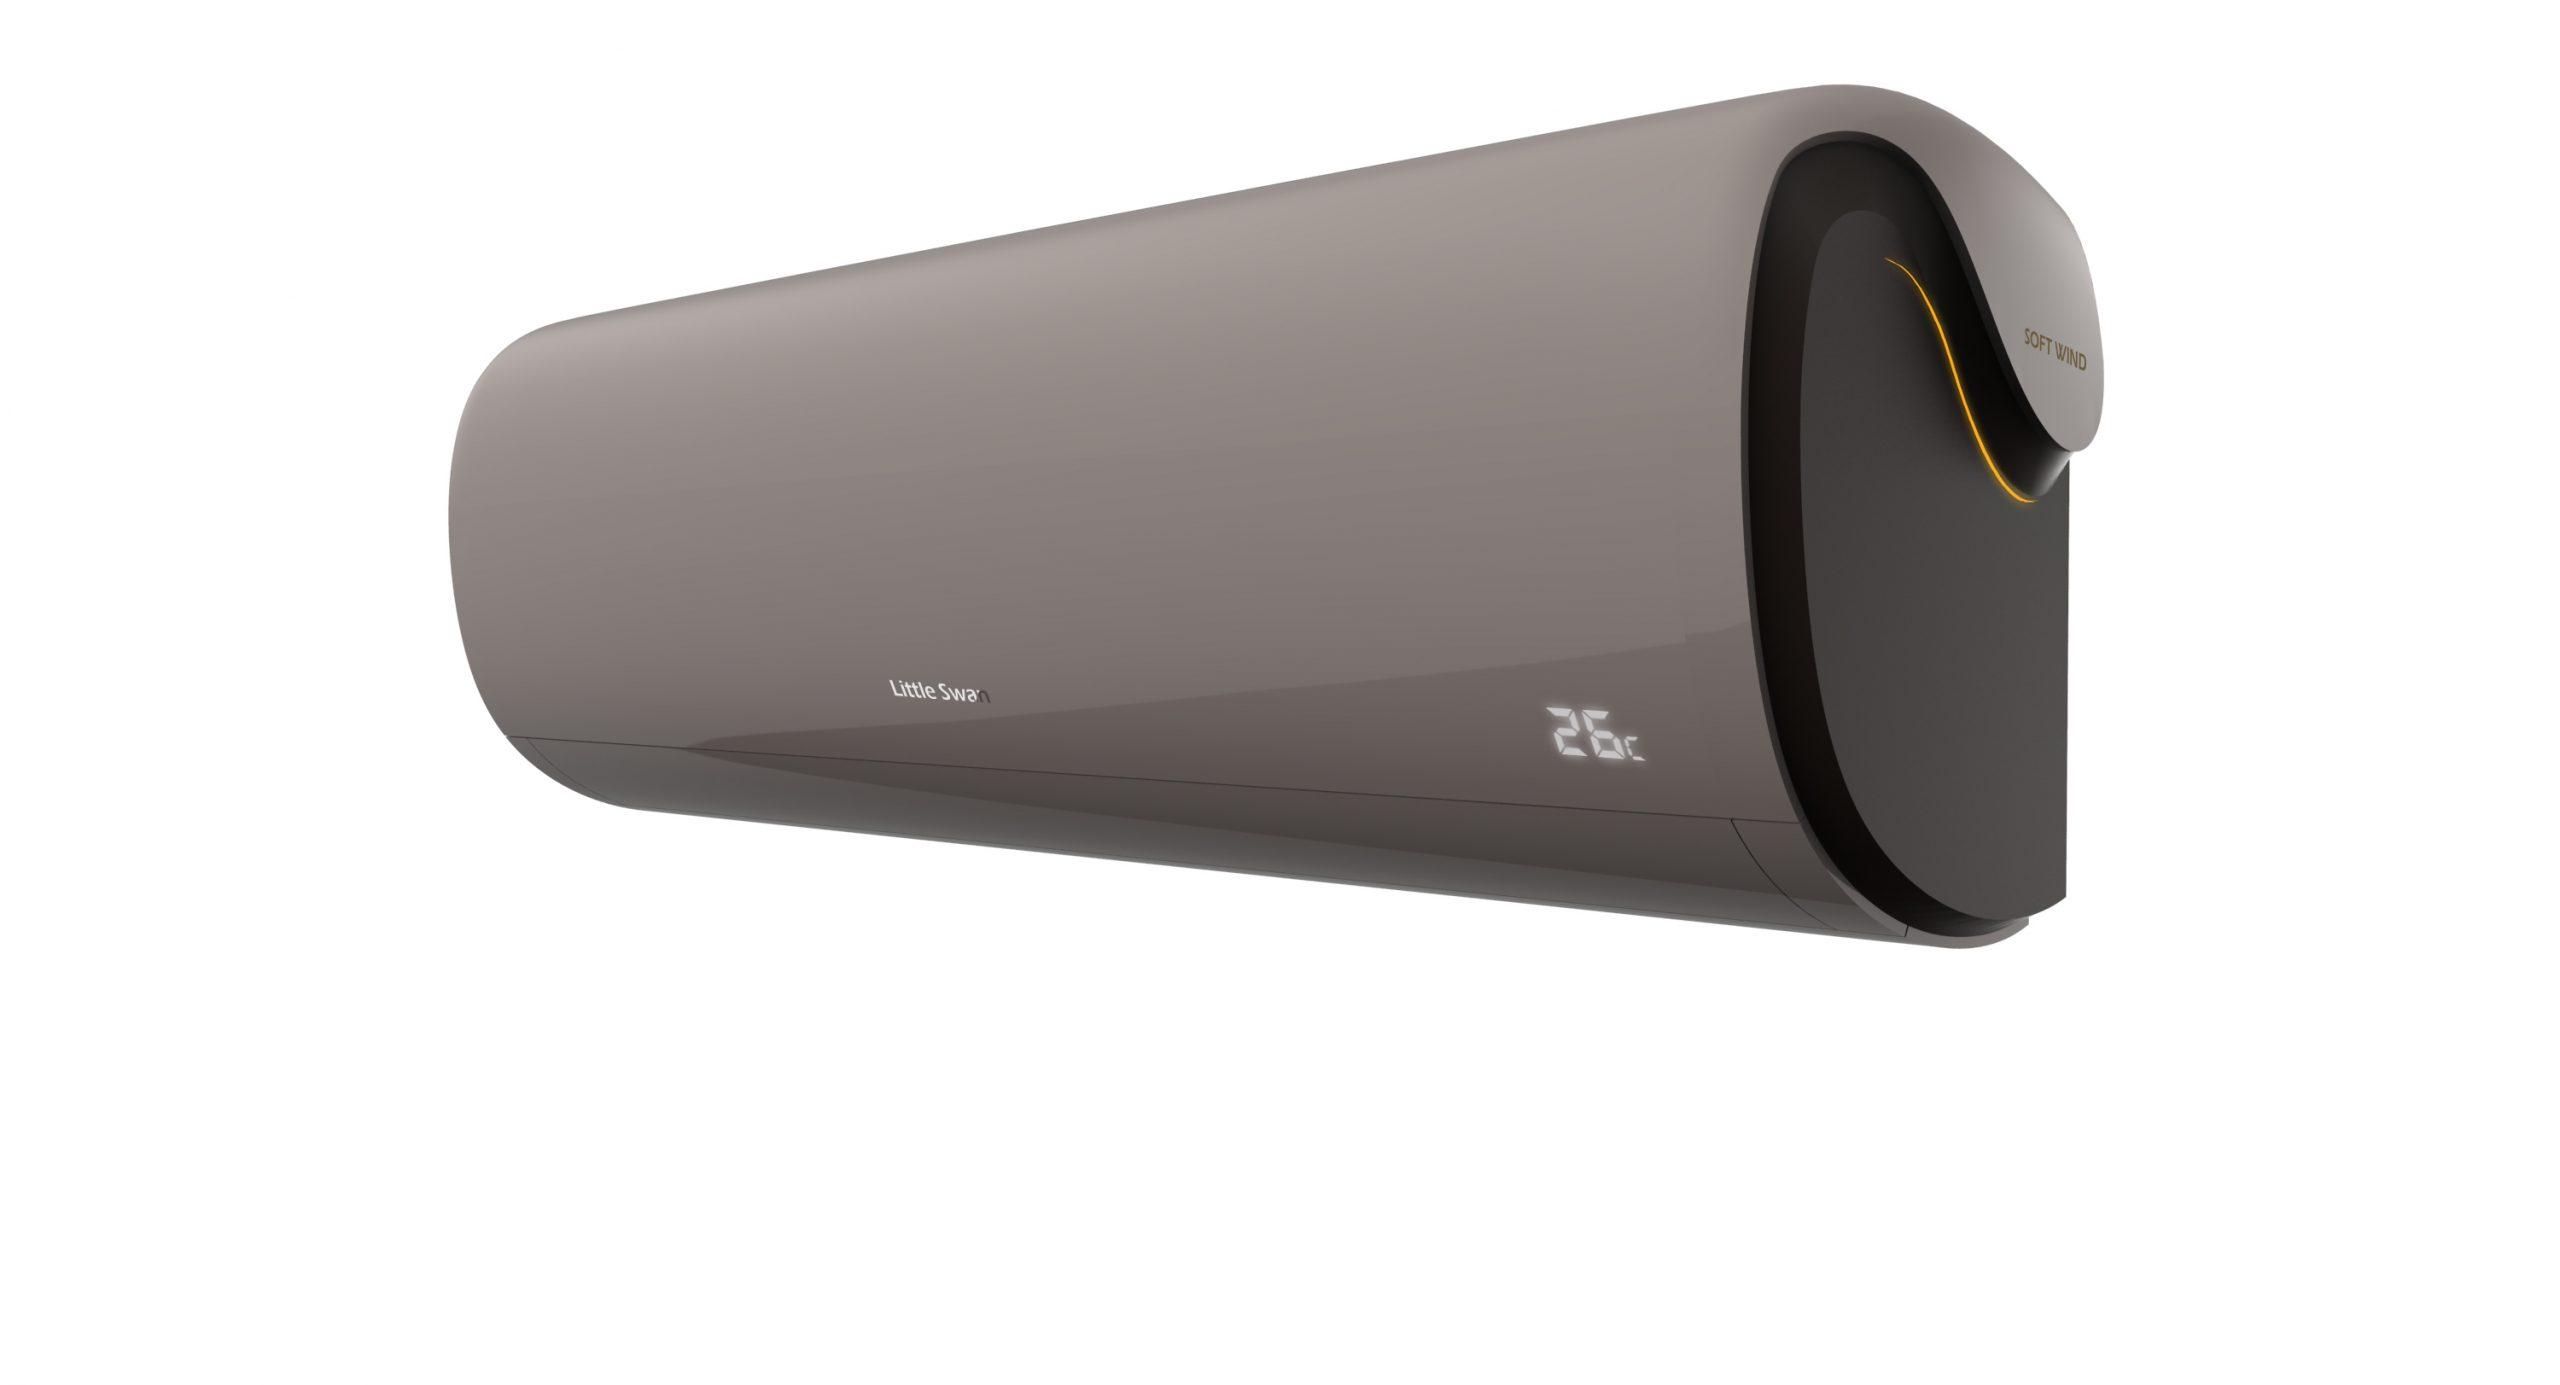 工业设计-上海工业设计公司-即禾设计-空调设计